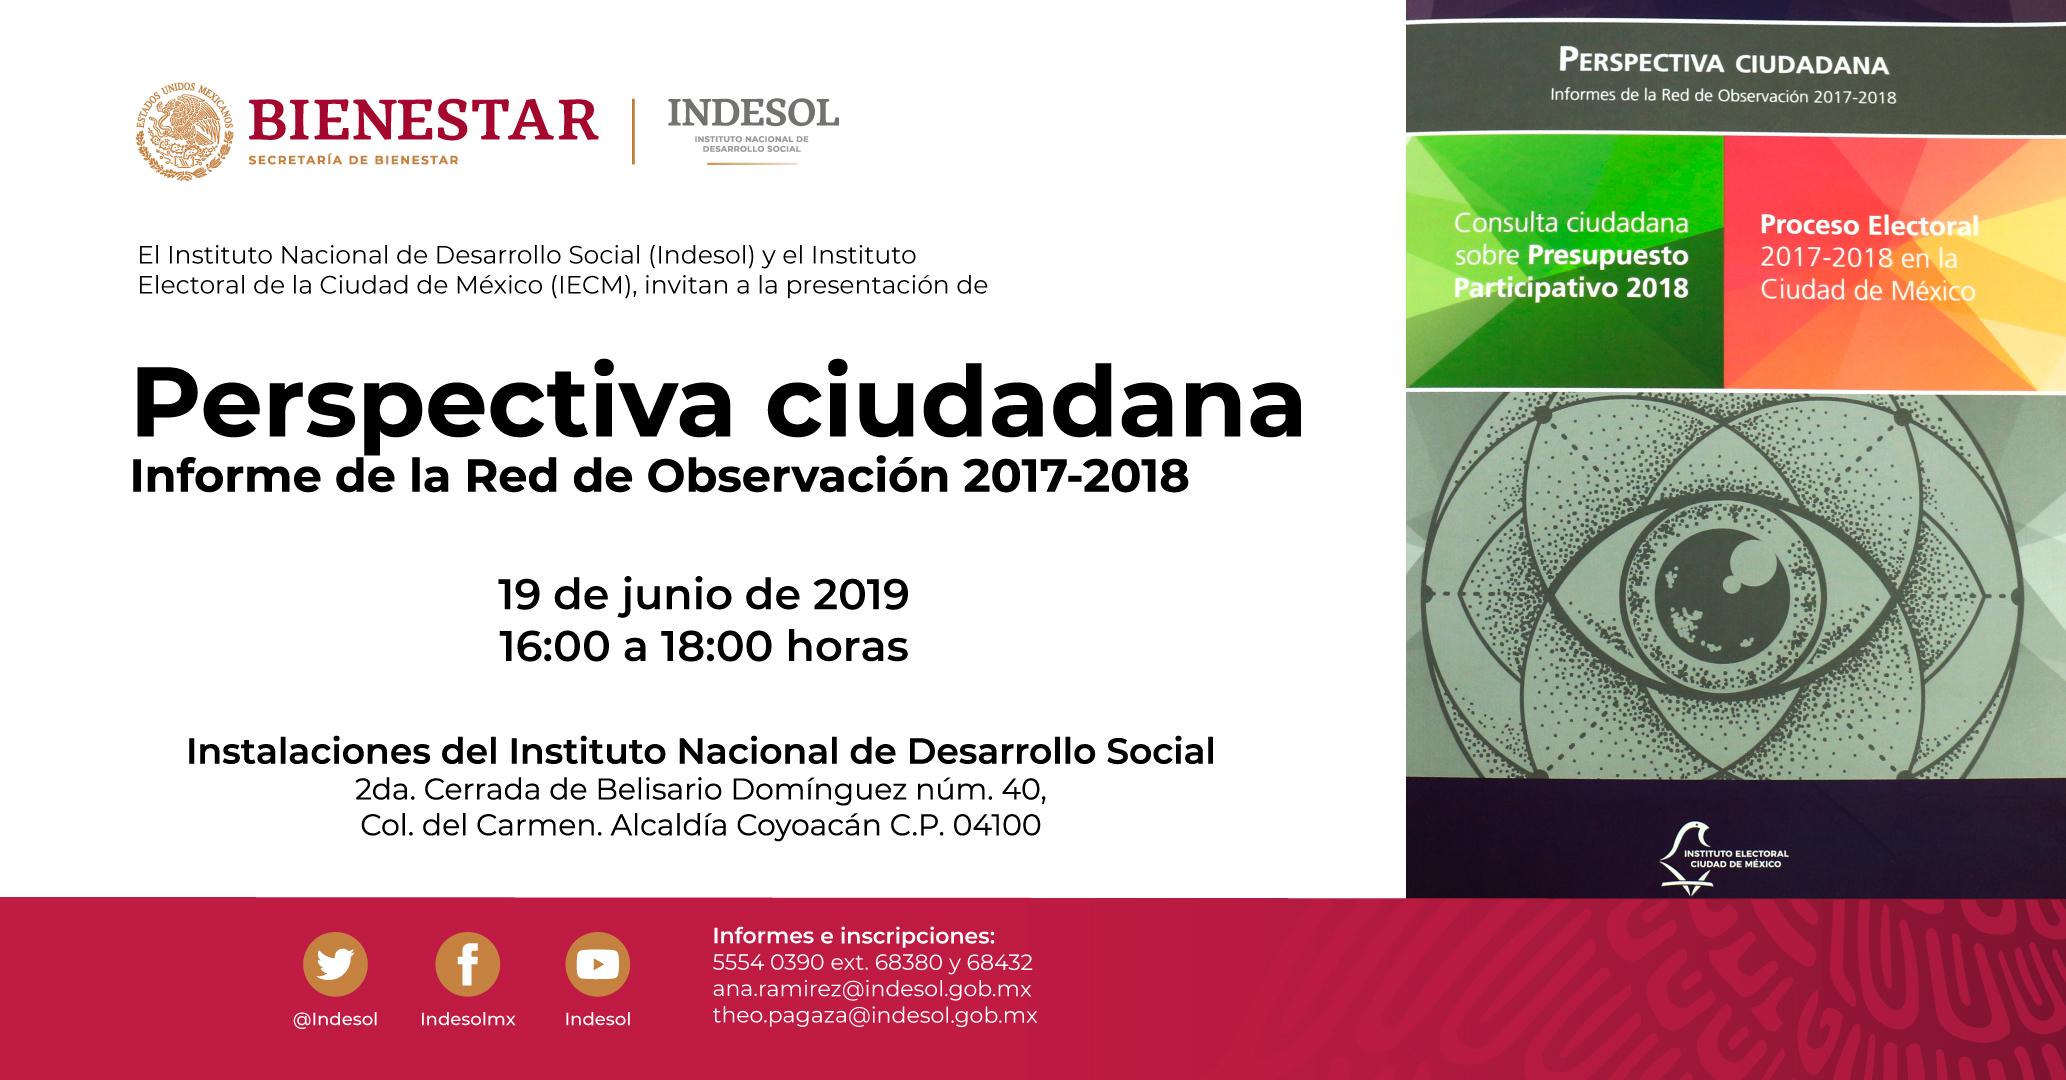 Invitación a participar en la presentación del libro Perspectiva Ciudadana, Informe de la Red de Observación 2017-2018